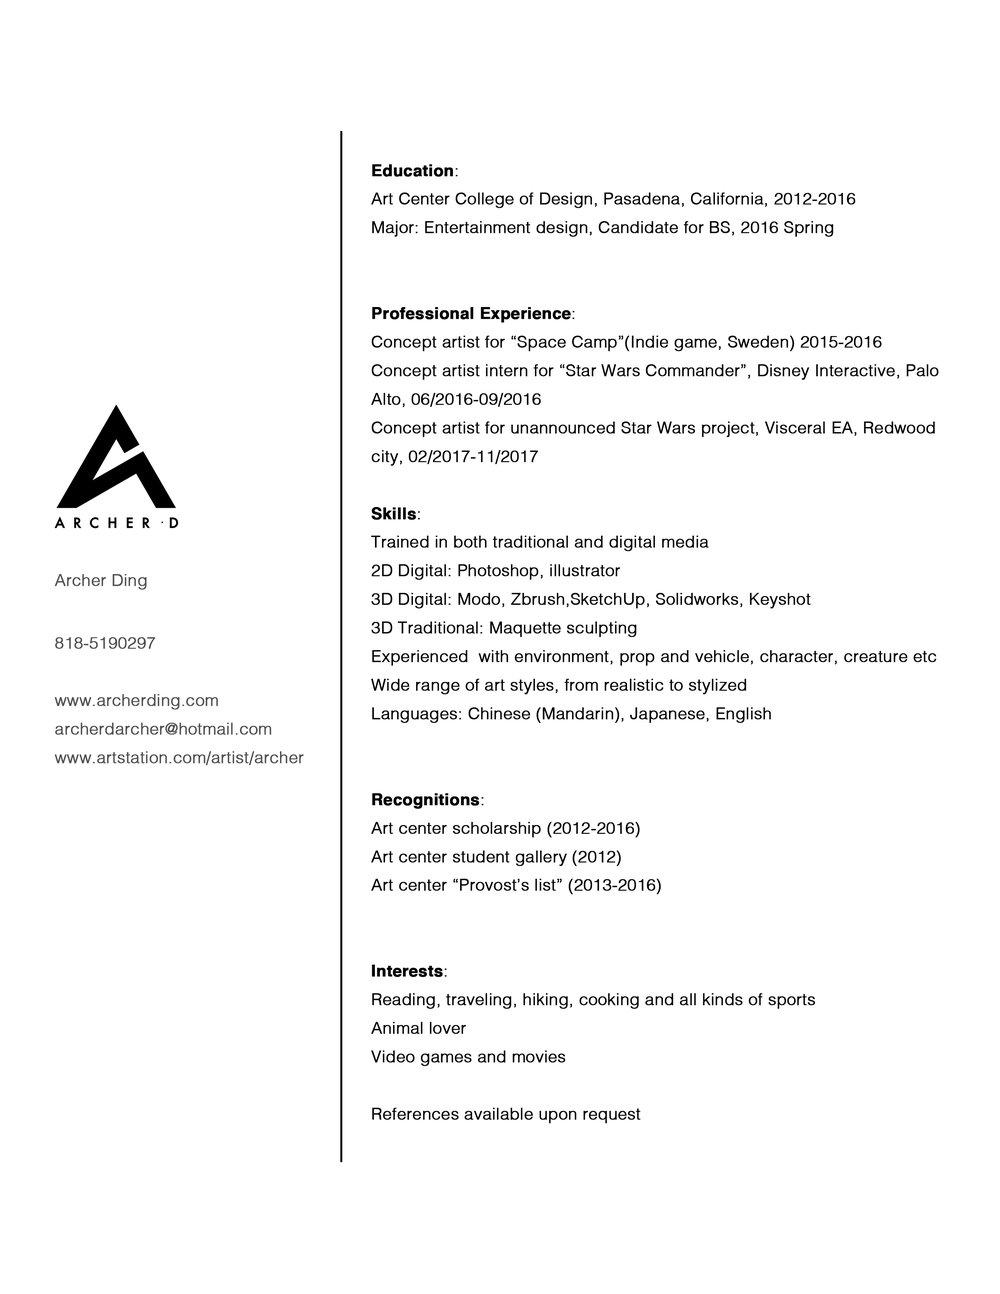 Resume — Archer Ding